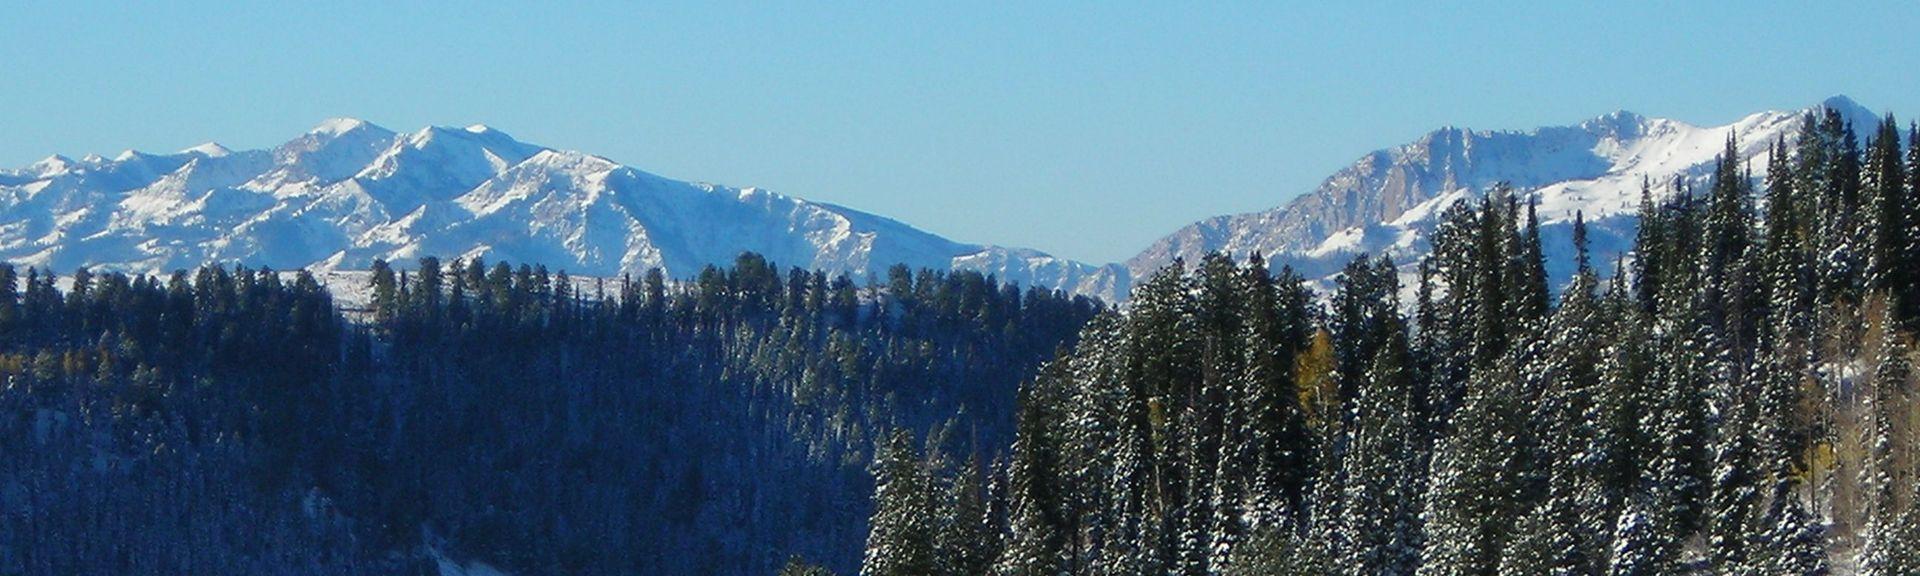 Station de ski de Powder Mountain, Eden, Utah, États-Unis d'Amérique